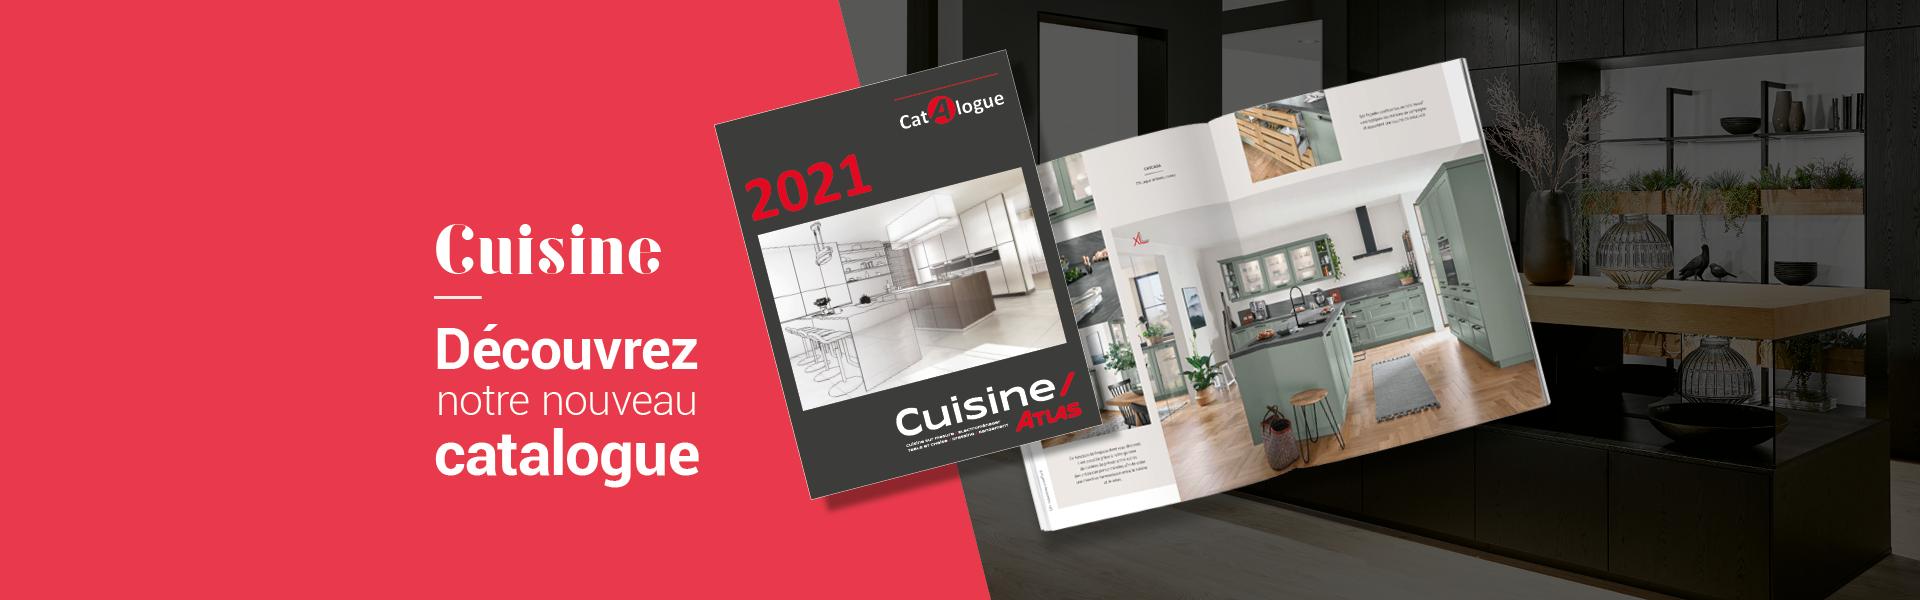 Catalogue_cuisine_atlas_2021